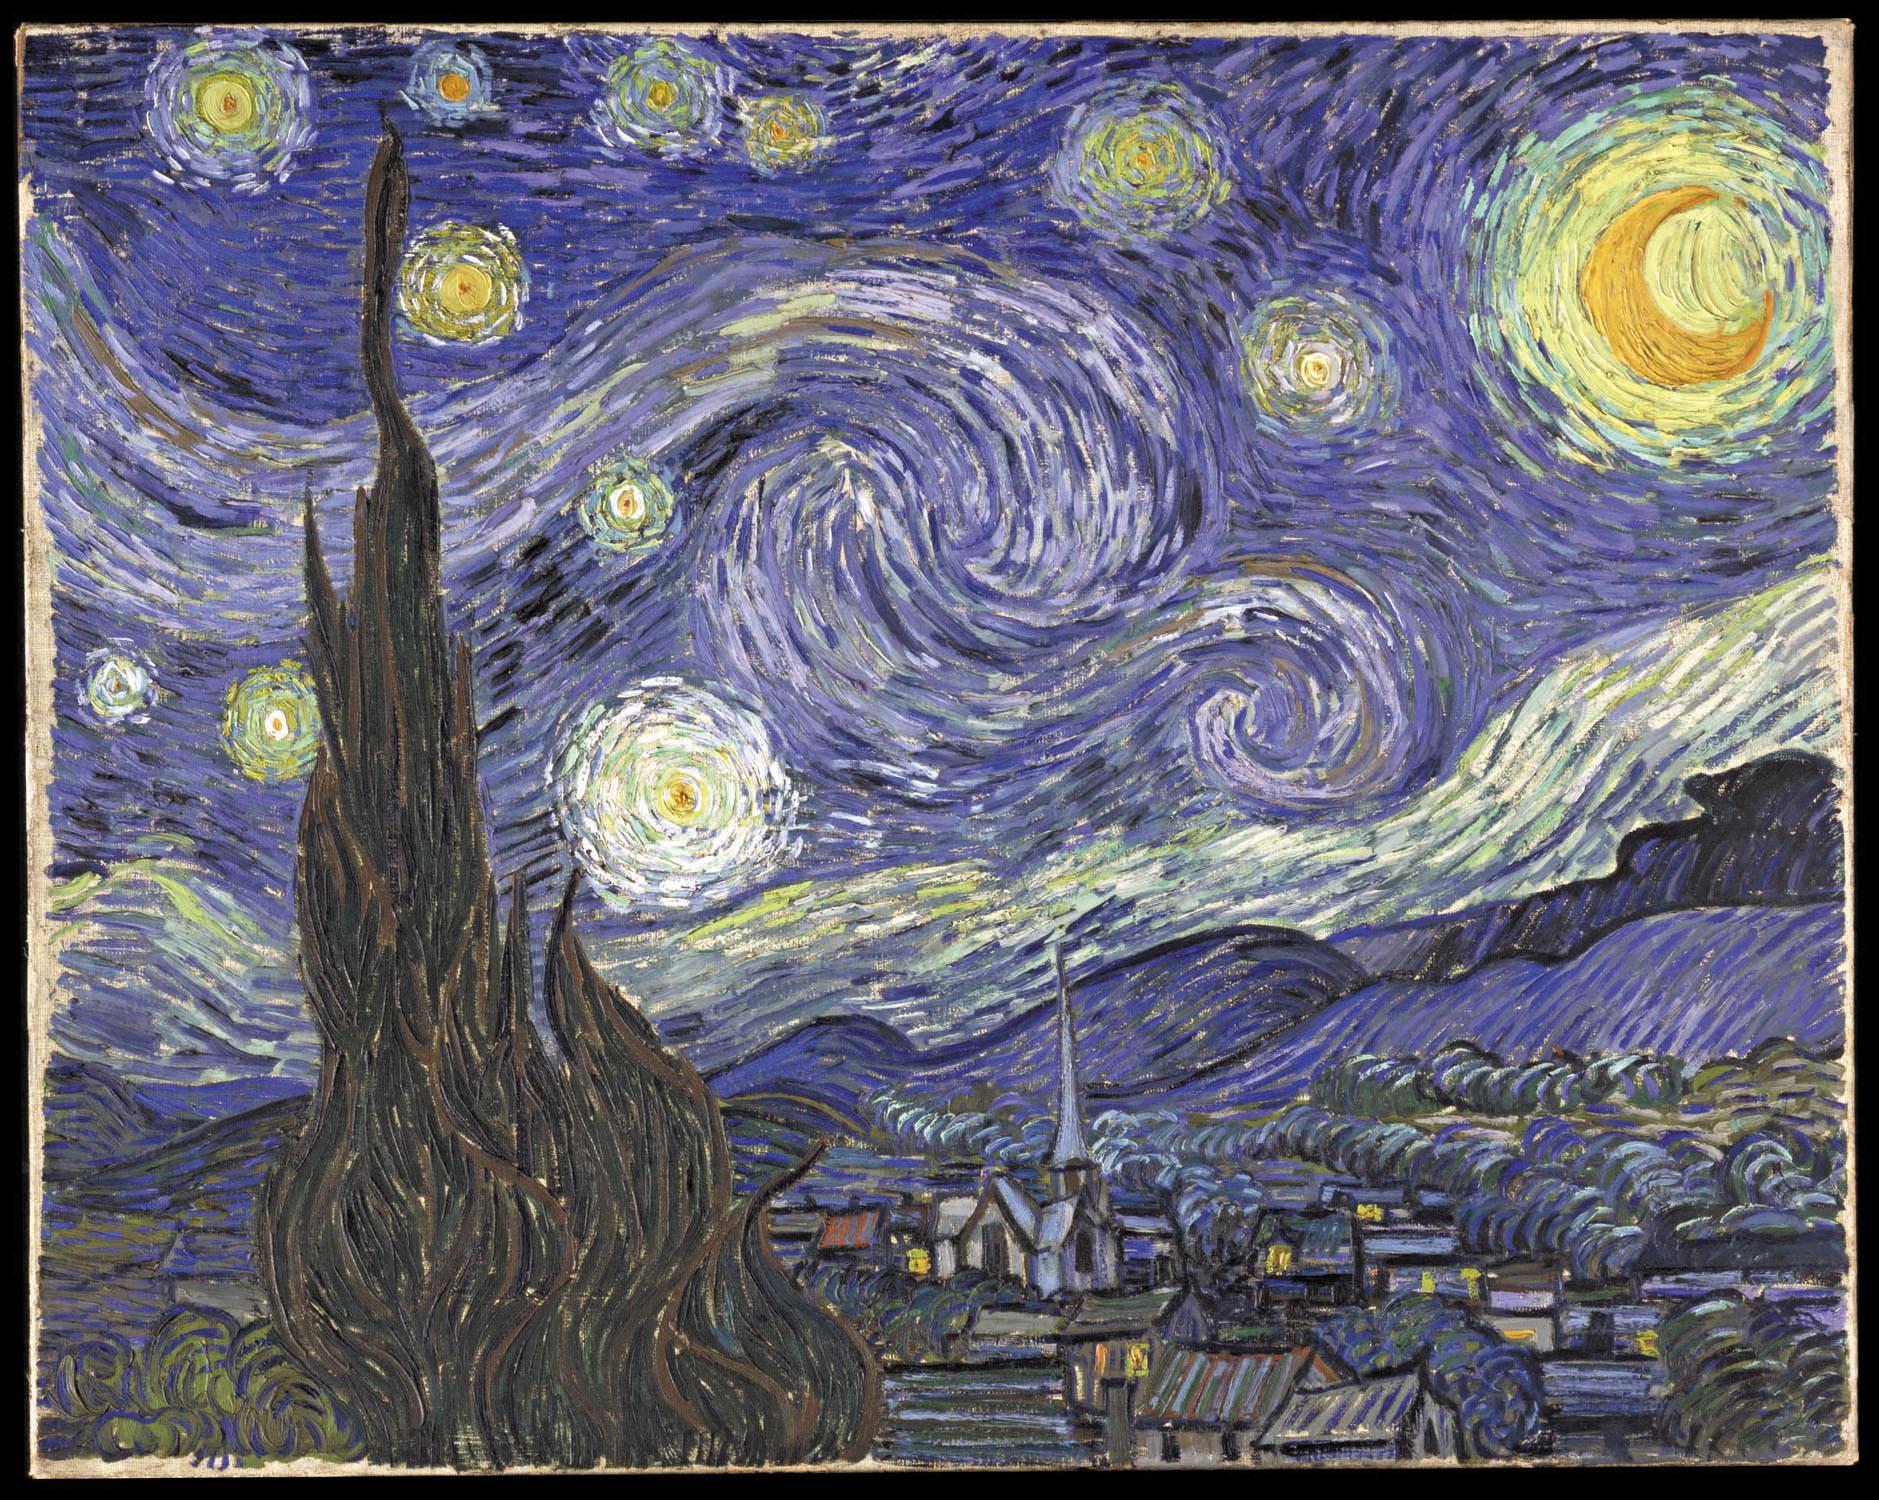 Винсент Виллем Ван Гог (нидерл. Vincent Willem van Gogh). Звёздная ночь